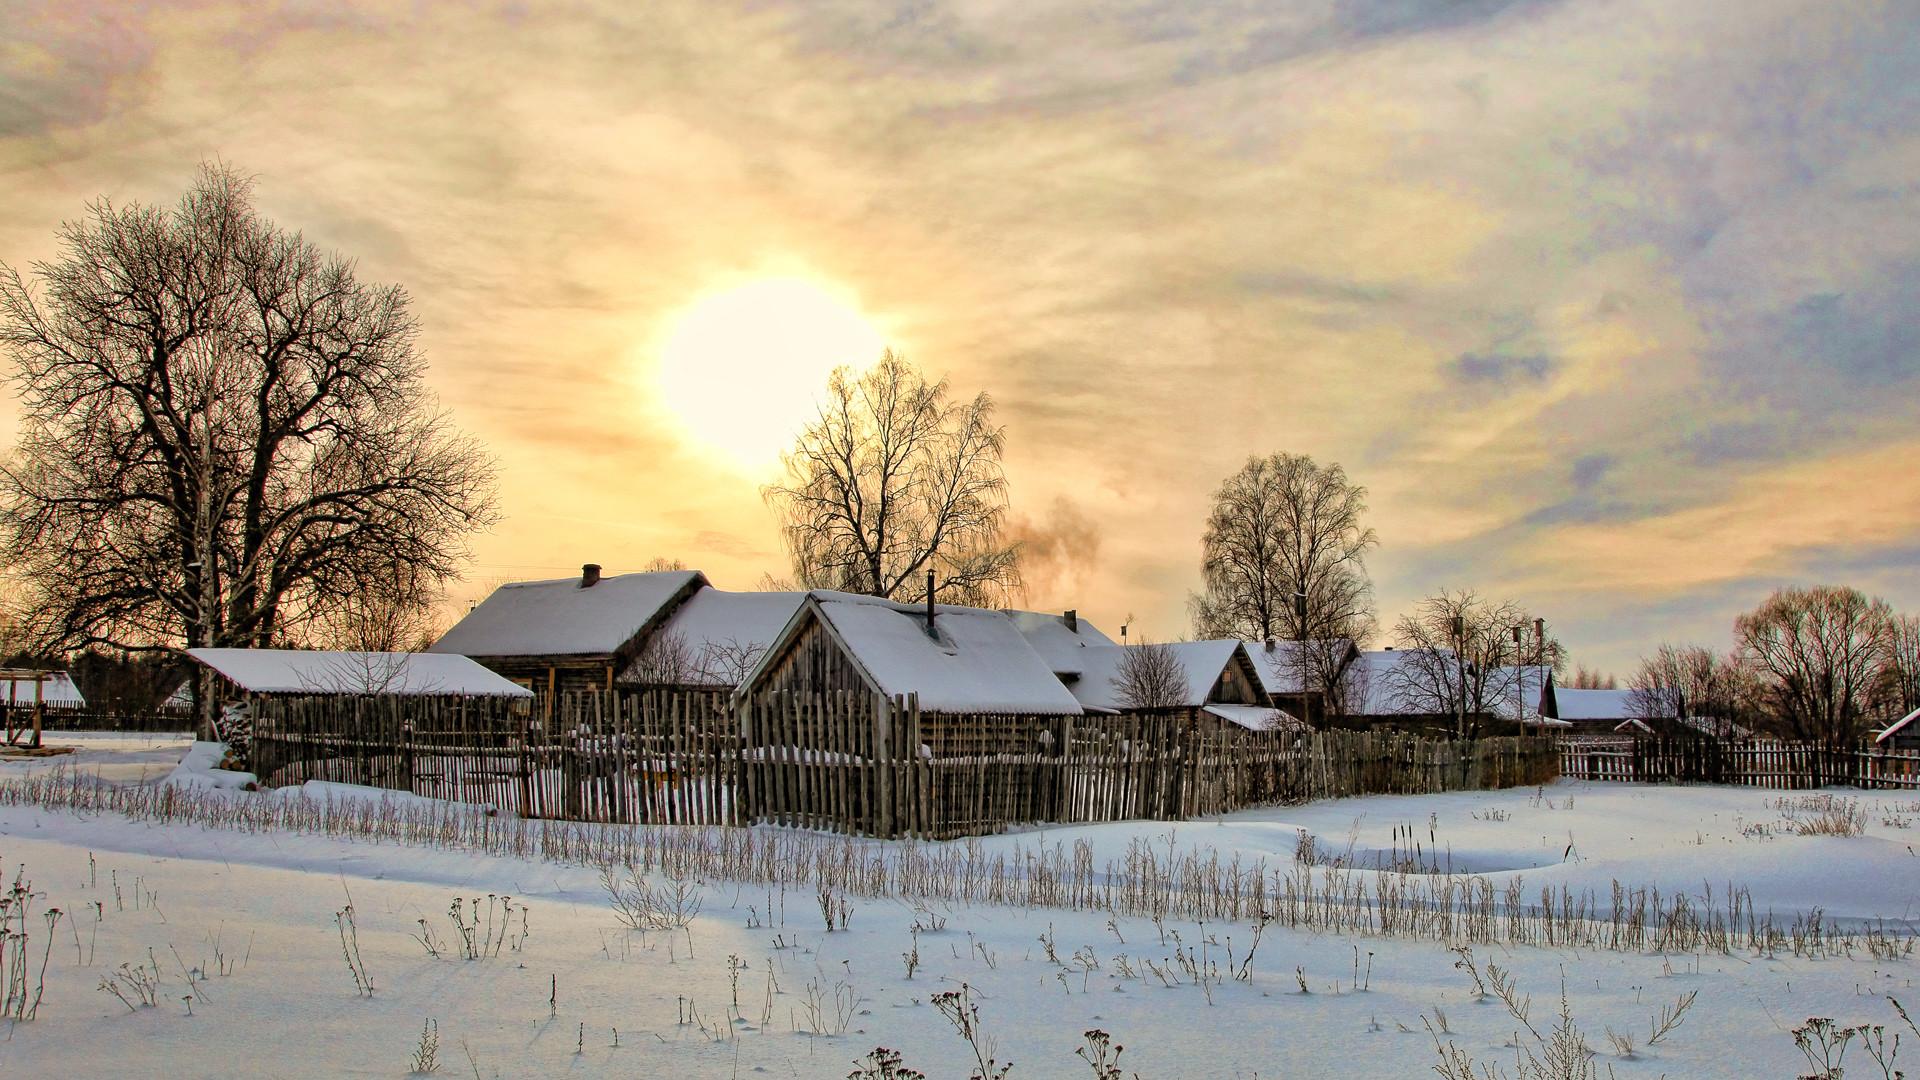 картинки для рабочего стола зима в деревне пластичности нейронов